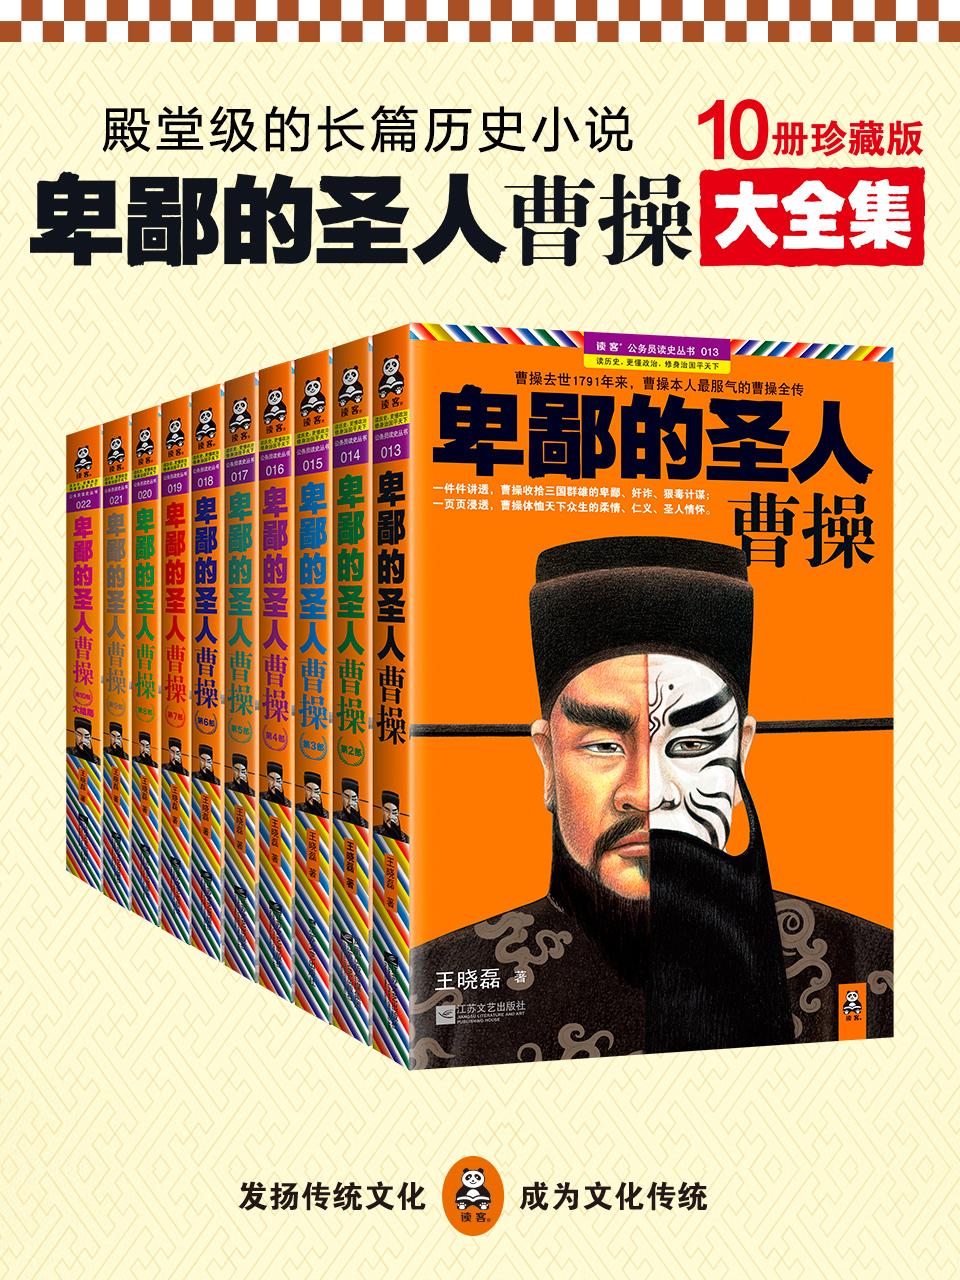 卑鄙的圣人:曹操·大全集(10册珍藏版)